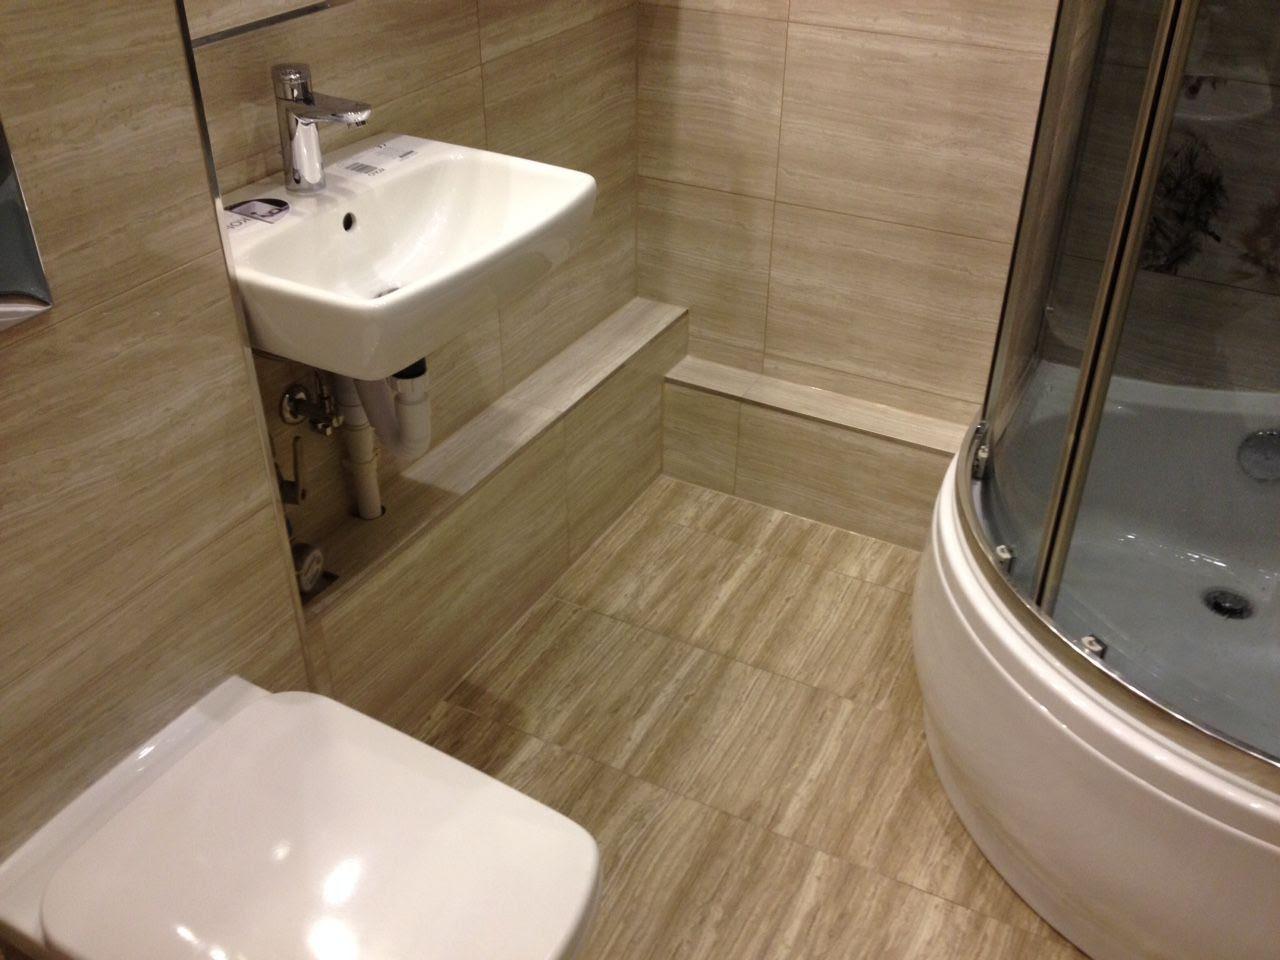 Remont łazienki w bloku, remont małej łazienki